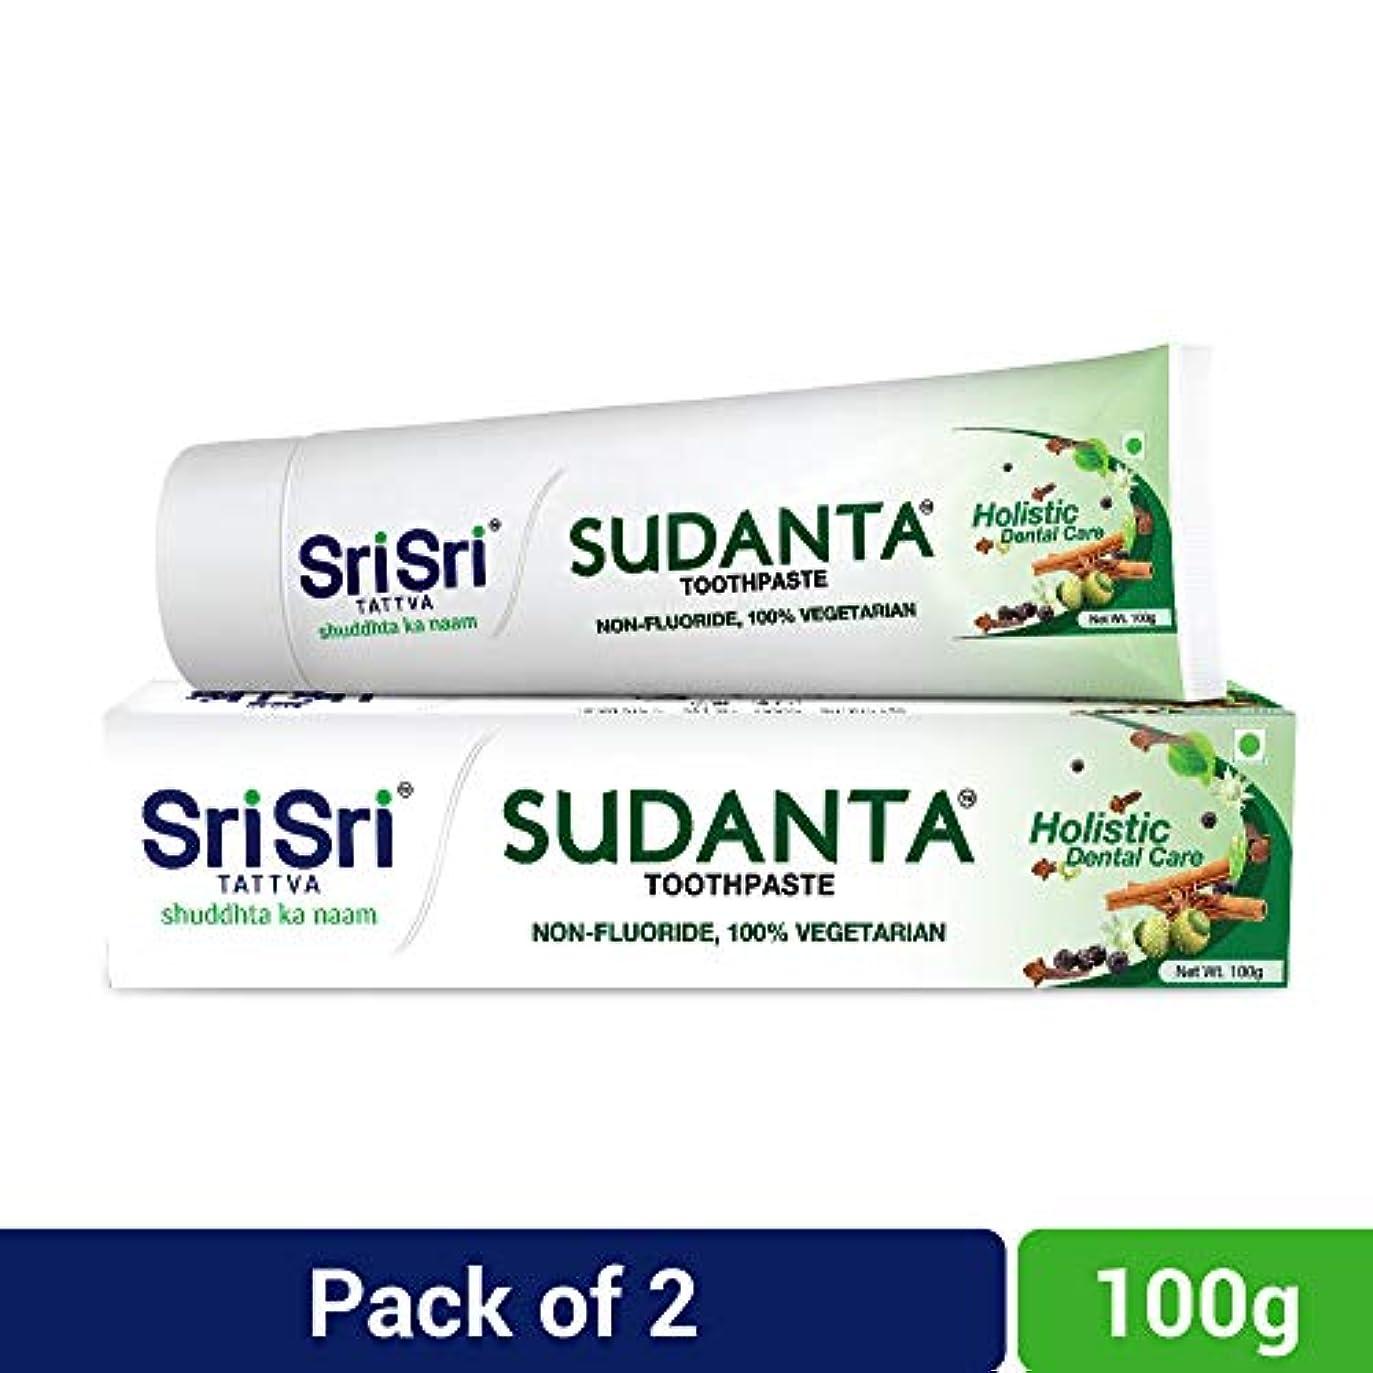 付ける品ローラーSri Sri Tattva Sudanta Toothpaste, 200gm (100 x Pack of 2)